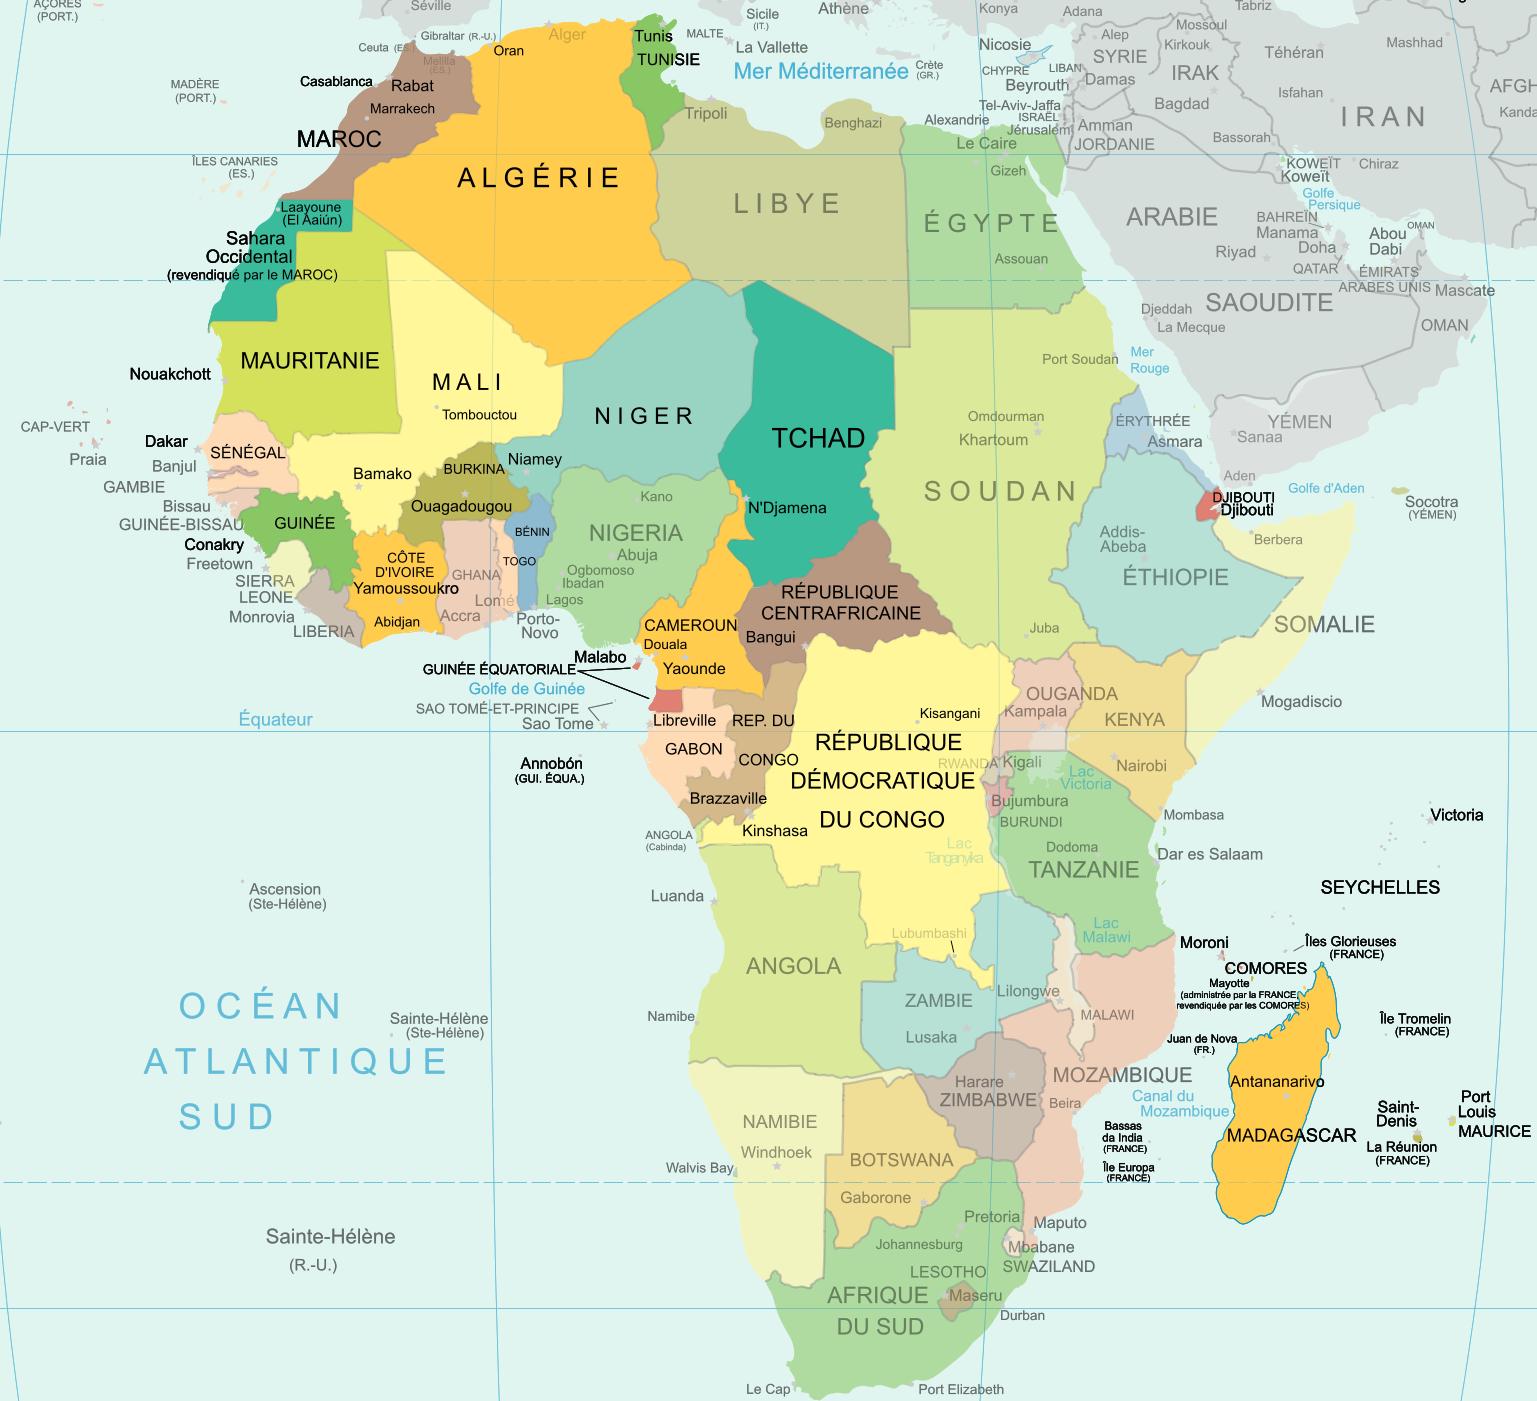 carte des pays africains où le français est parlé